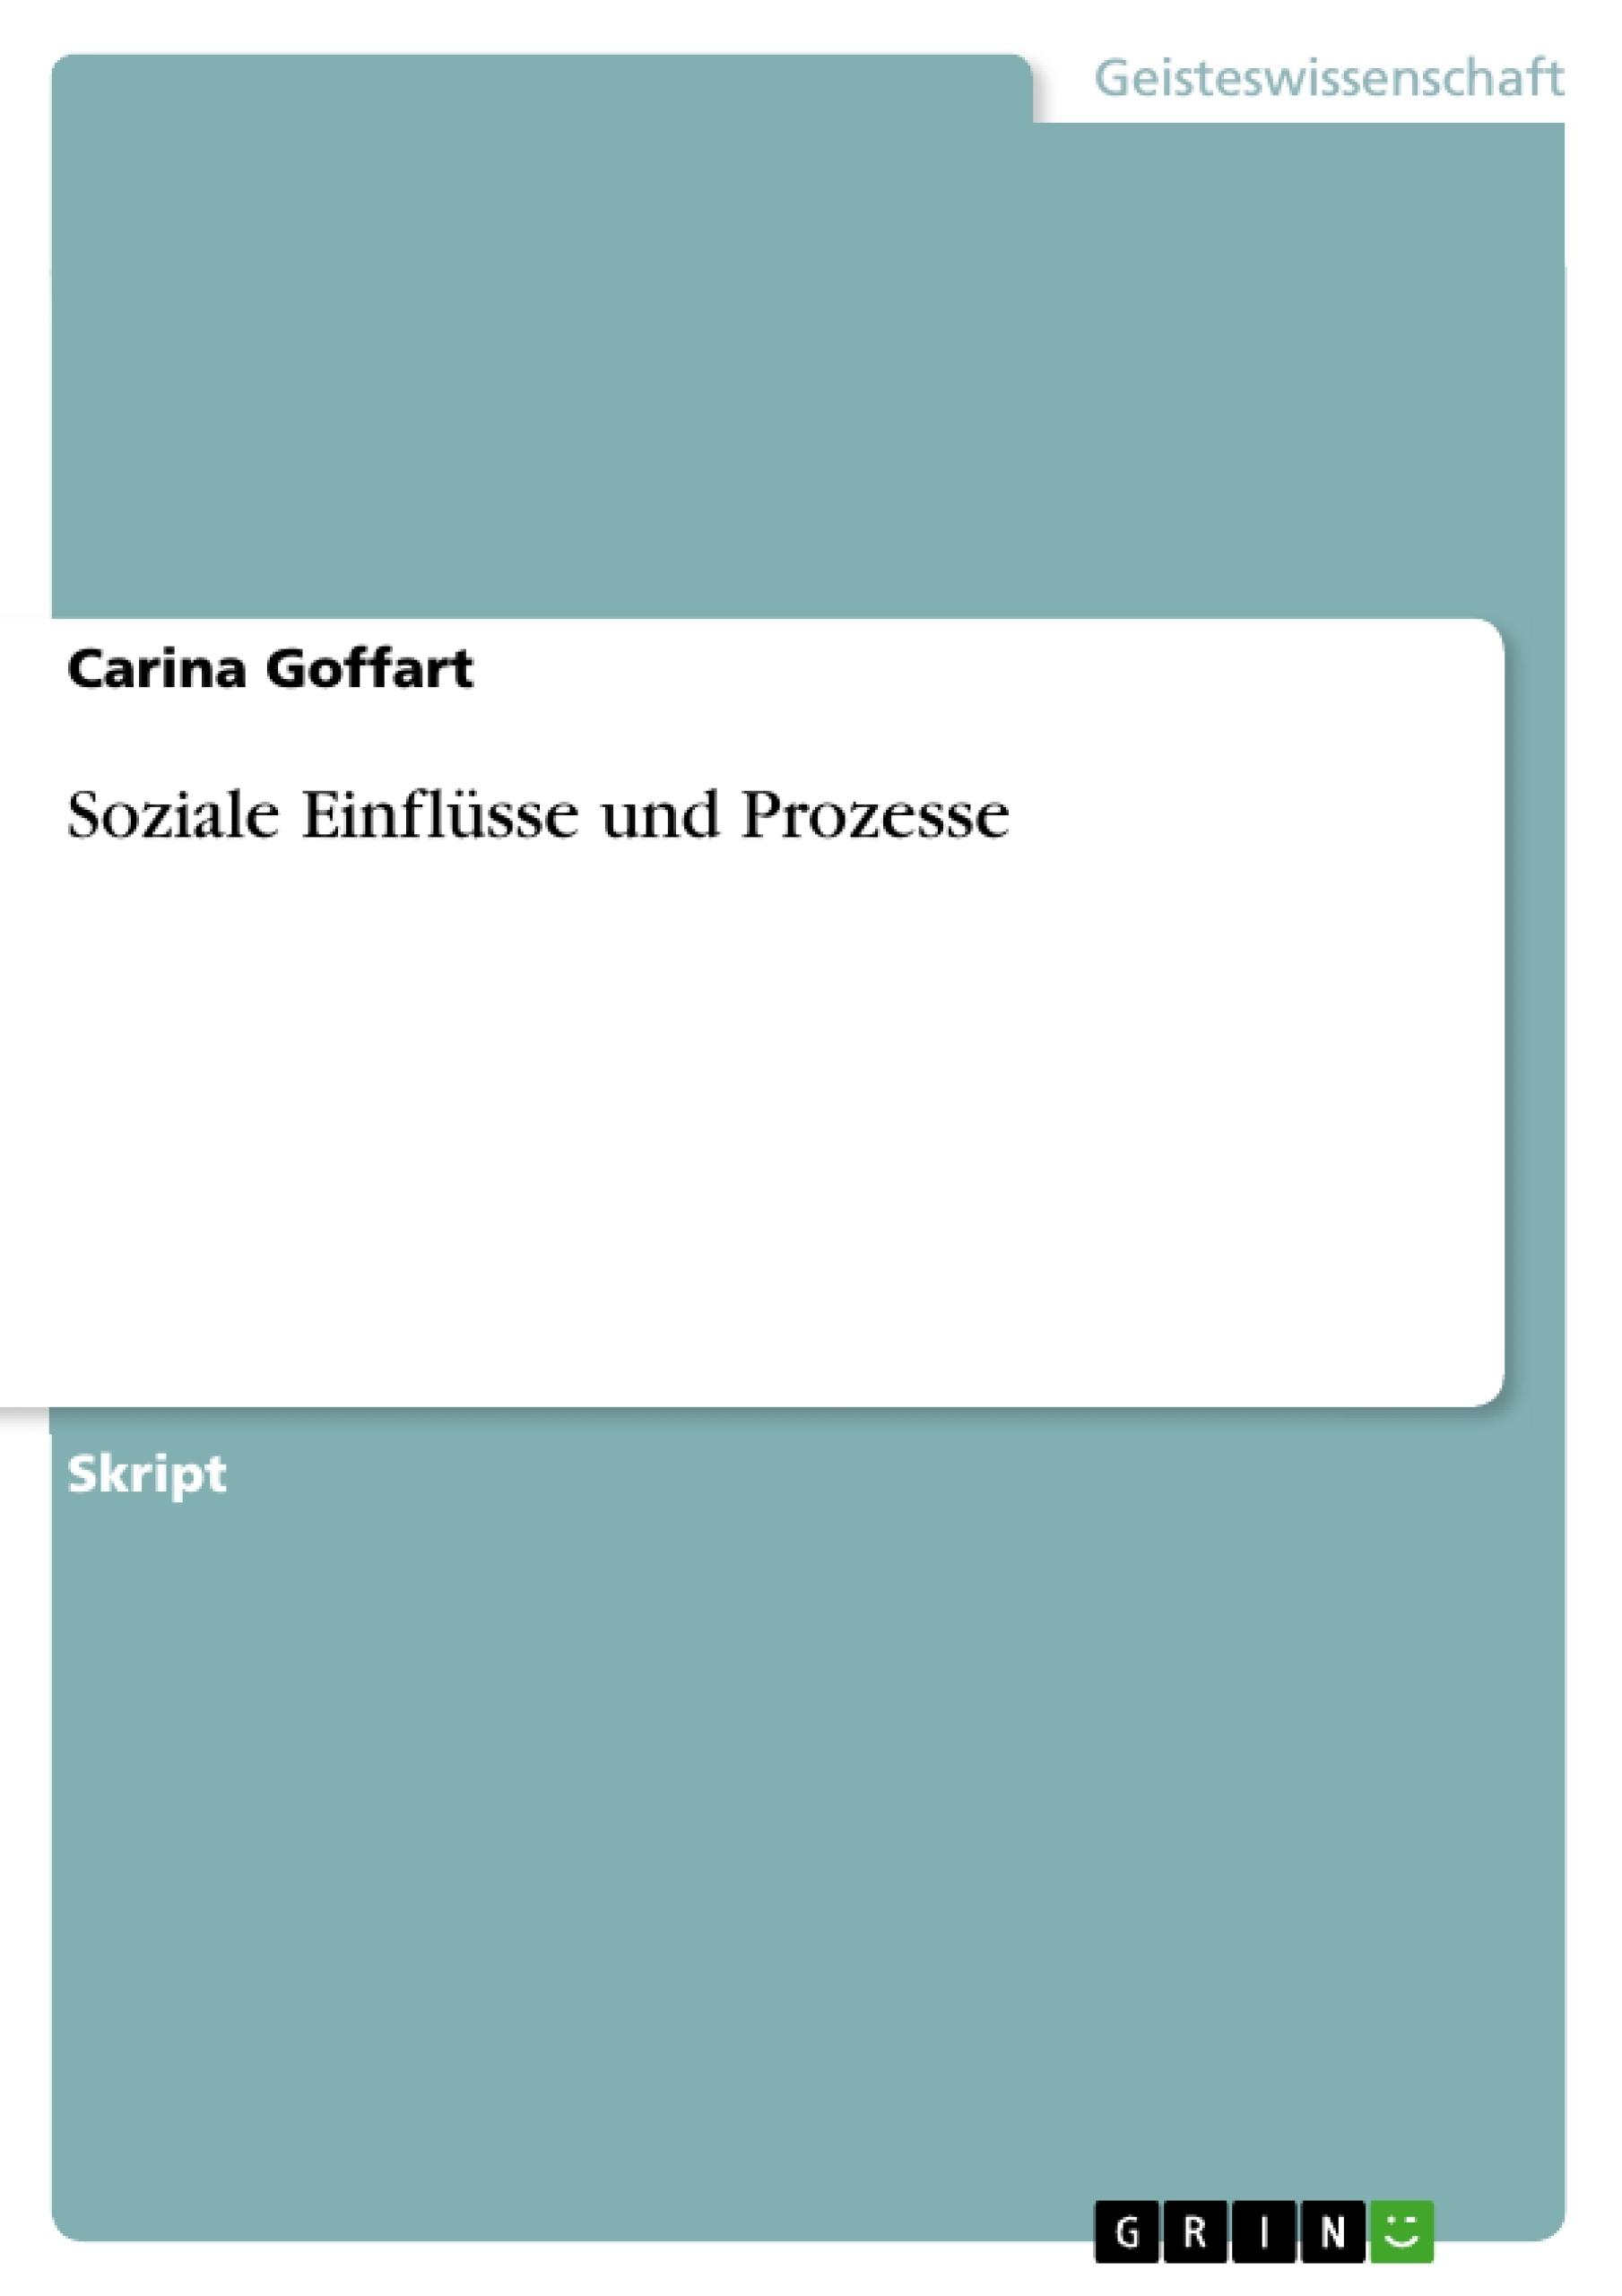 Titel: Soziale Einflüsse und Prozesse